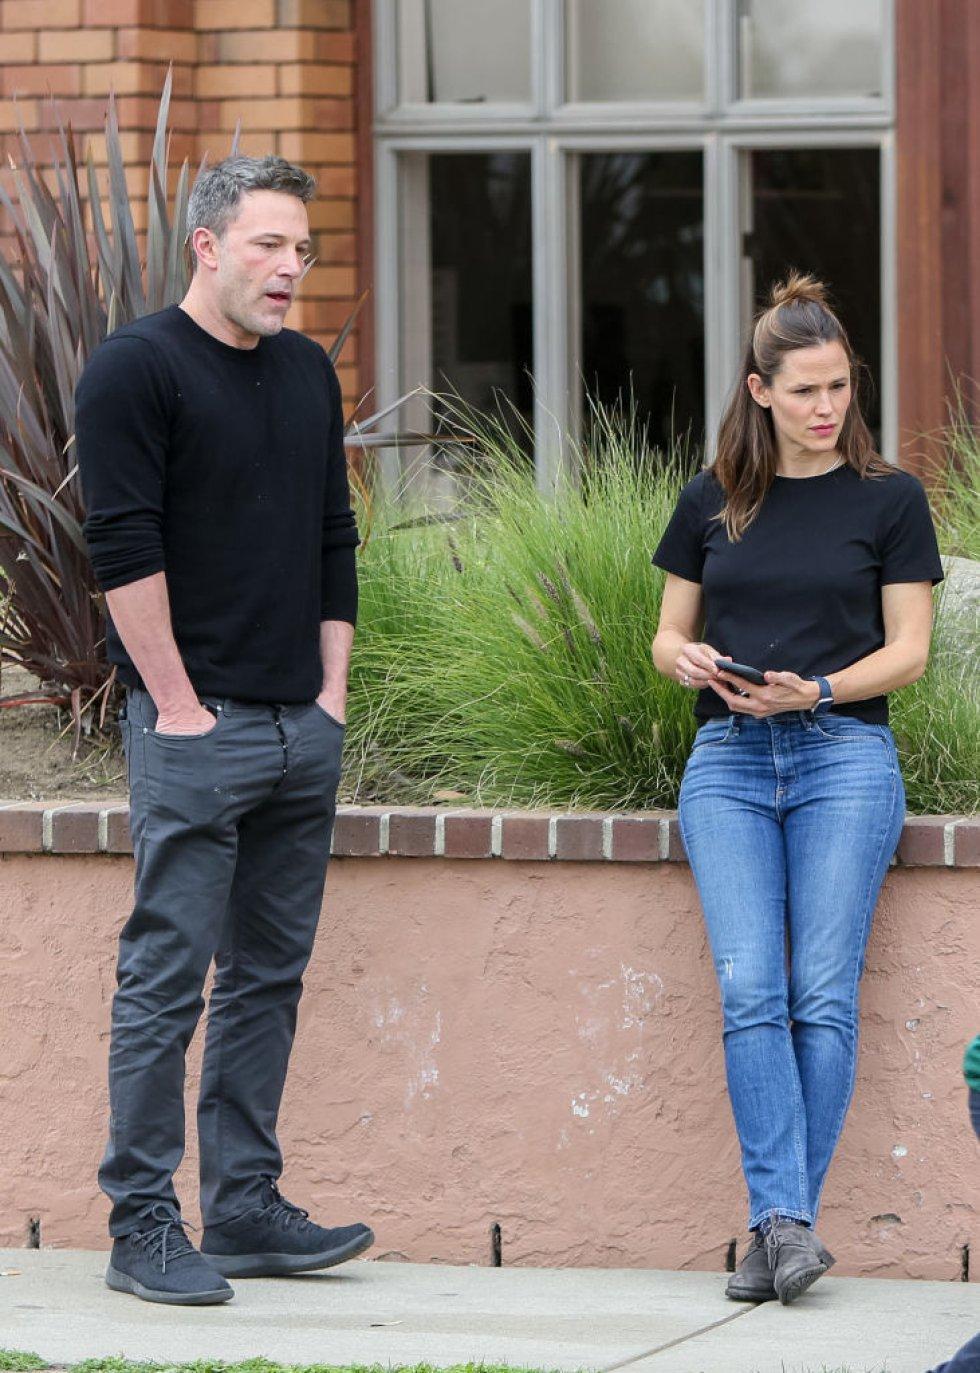 Ben Affleck no solo fue el tercero en otras relaciones, sino que engañó a Jennifer Garner con la niñera de sus hijos. Luego de esto, la pareja se separó.